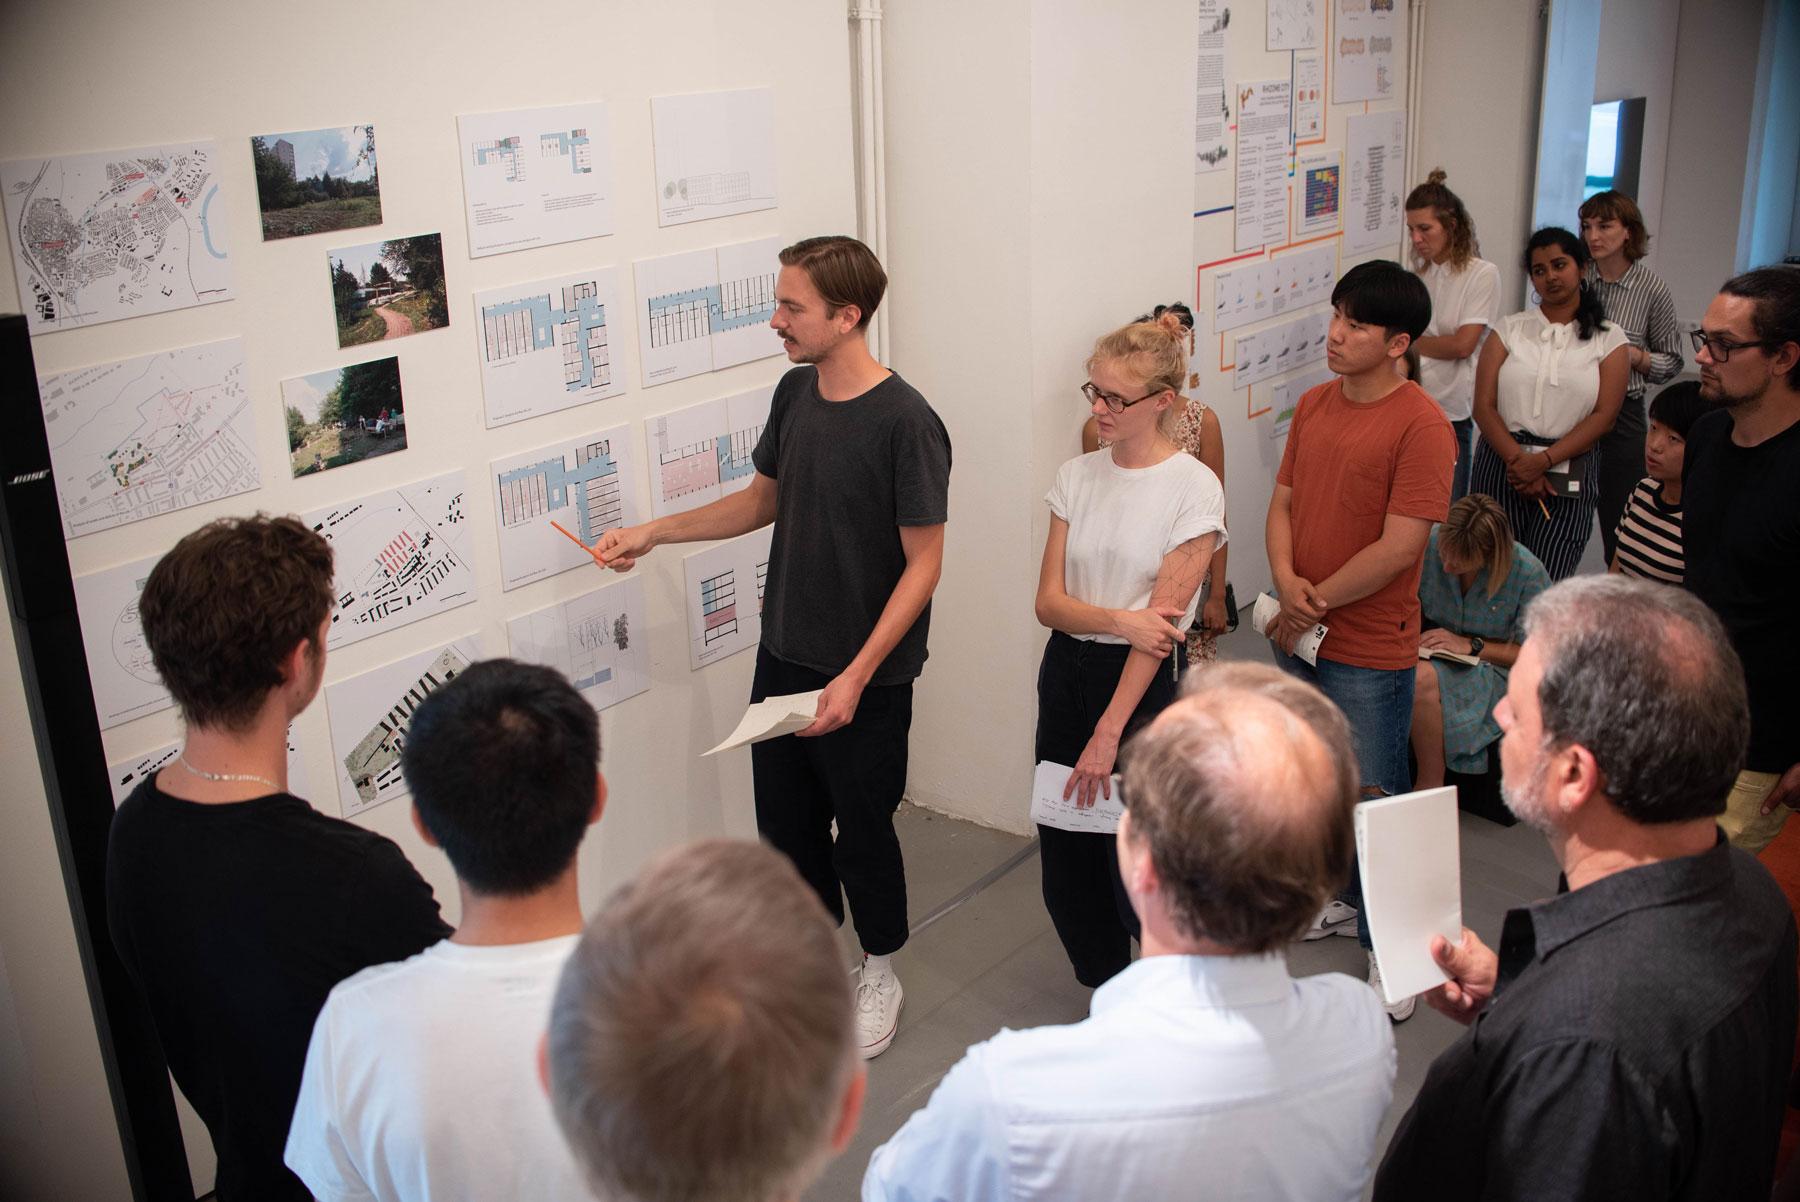 IBA'27-School 2019: Studierende präsentieren ihre Ergebnisse in der ifa-Galerie (Bild: Ishika Alim / IBA'27)